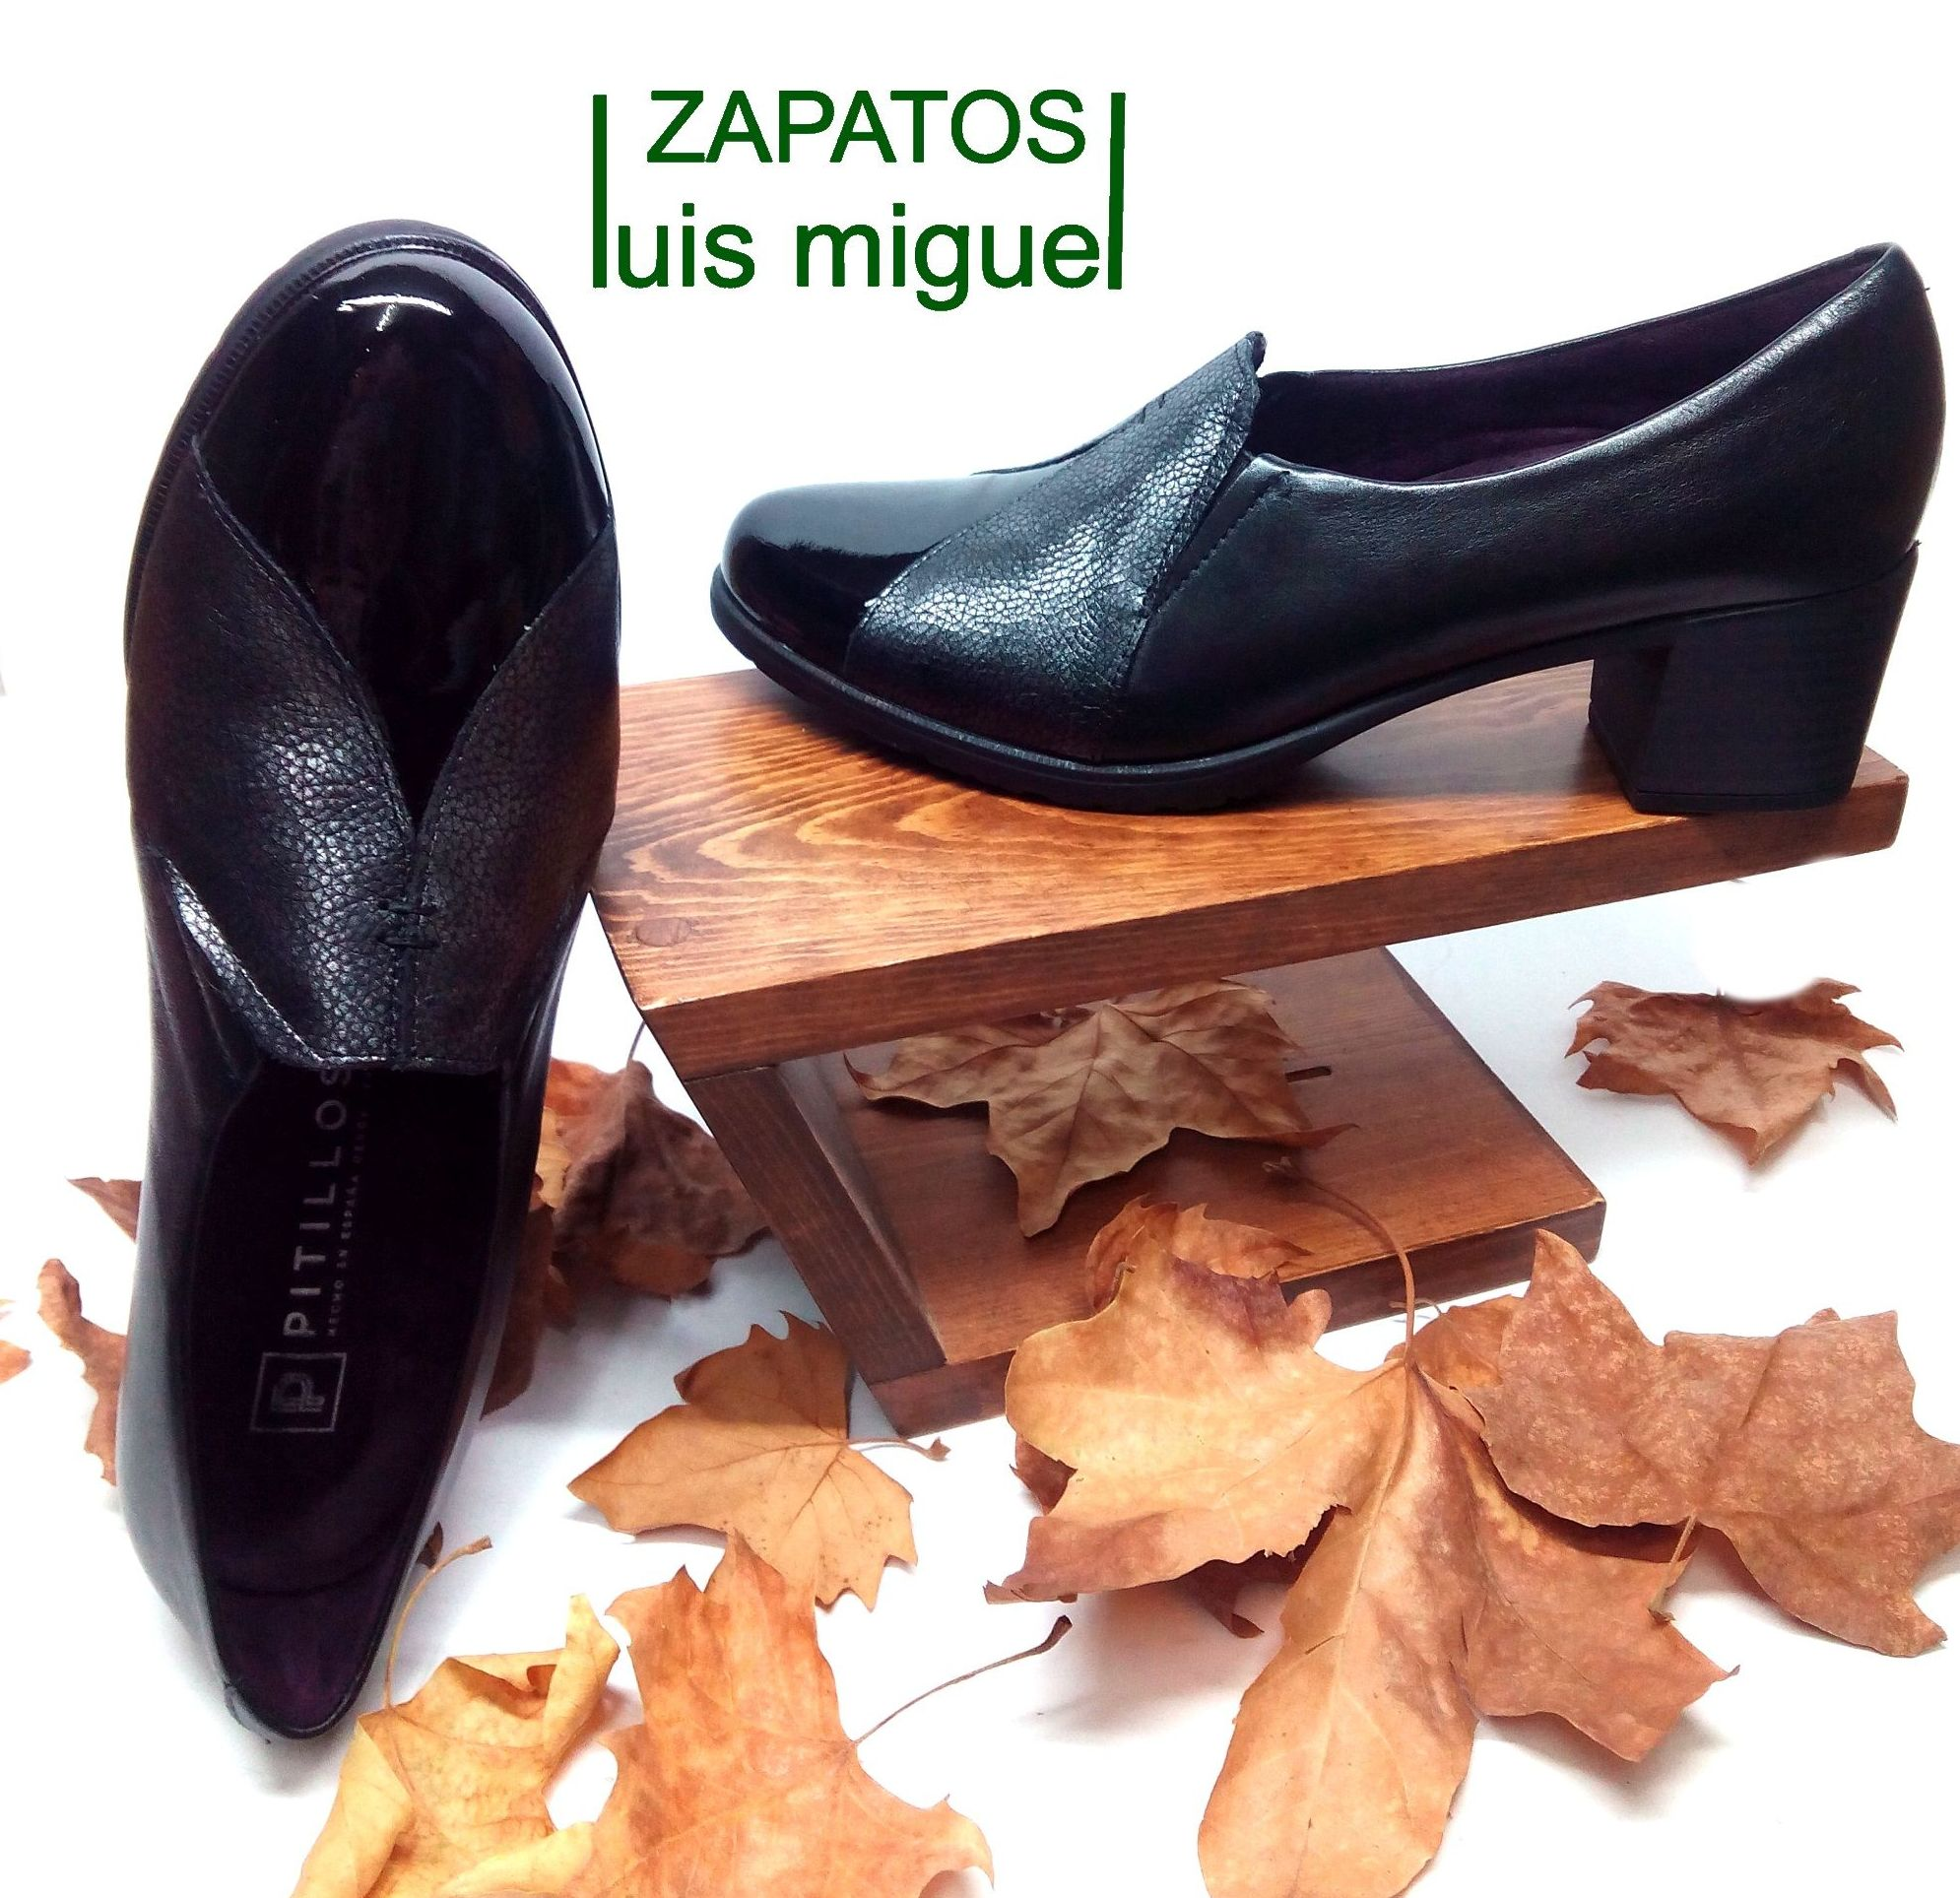 tipo mocasin con tacon: Catalogo de productos de Zapatos Luis Miguel